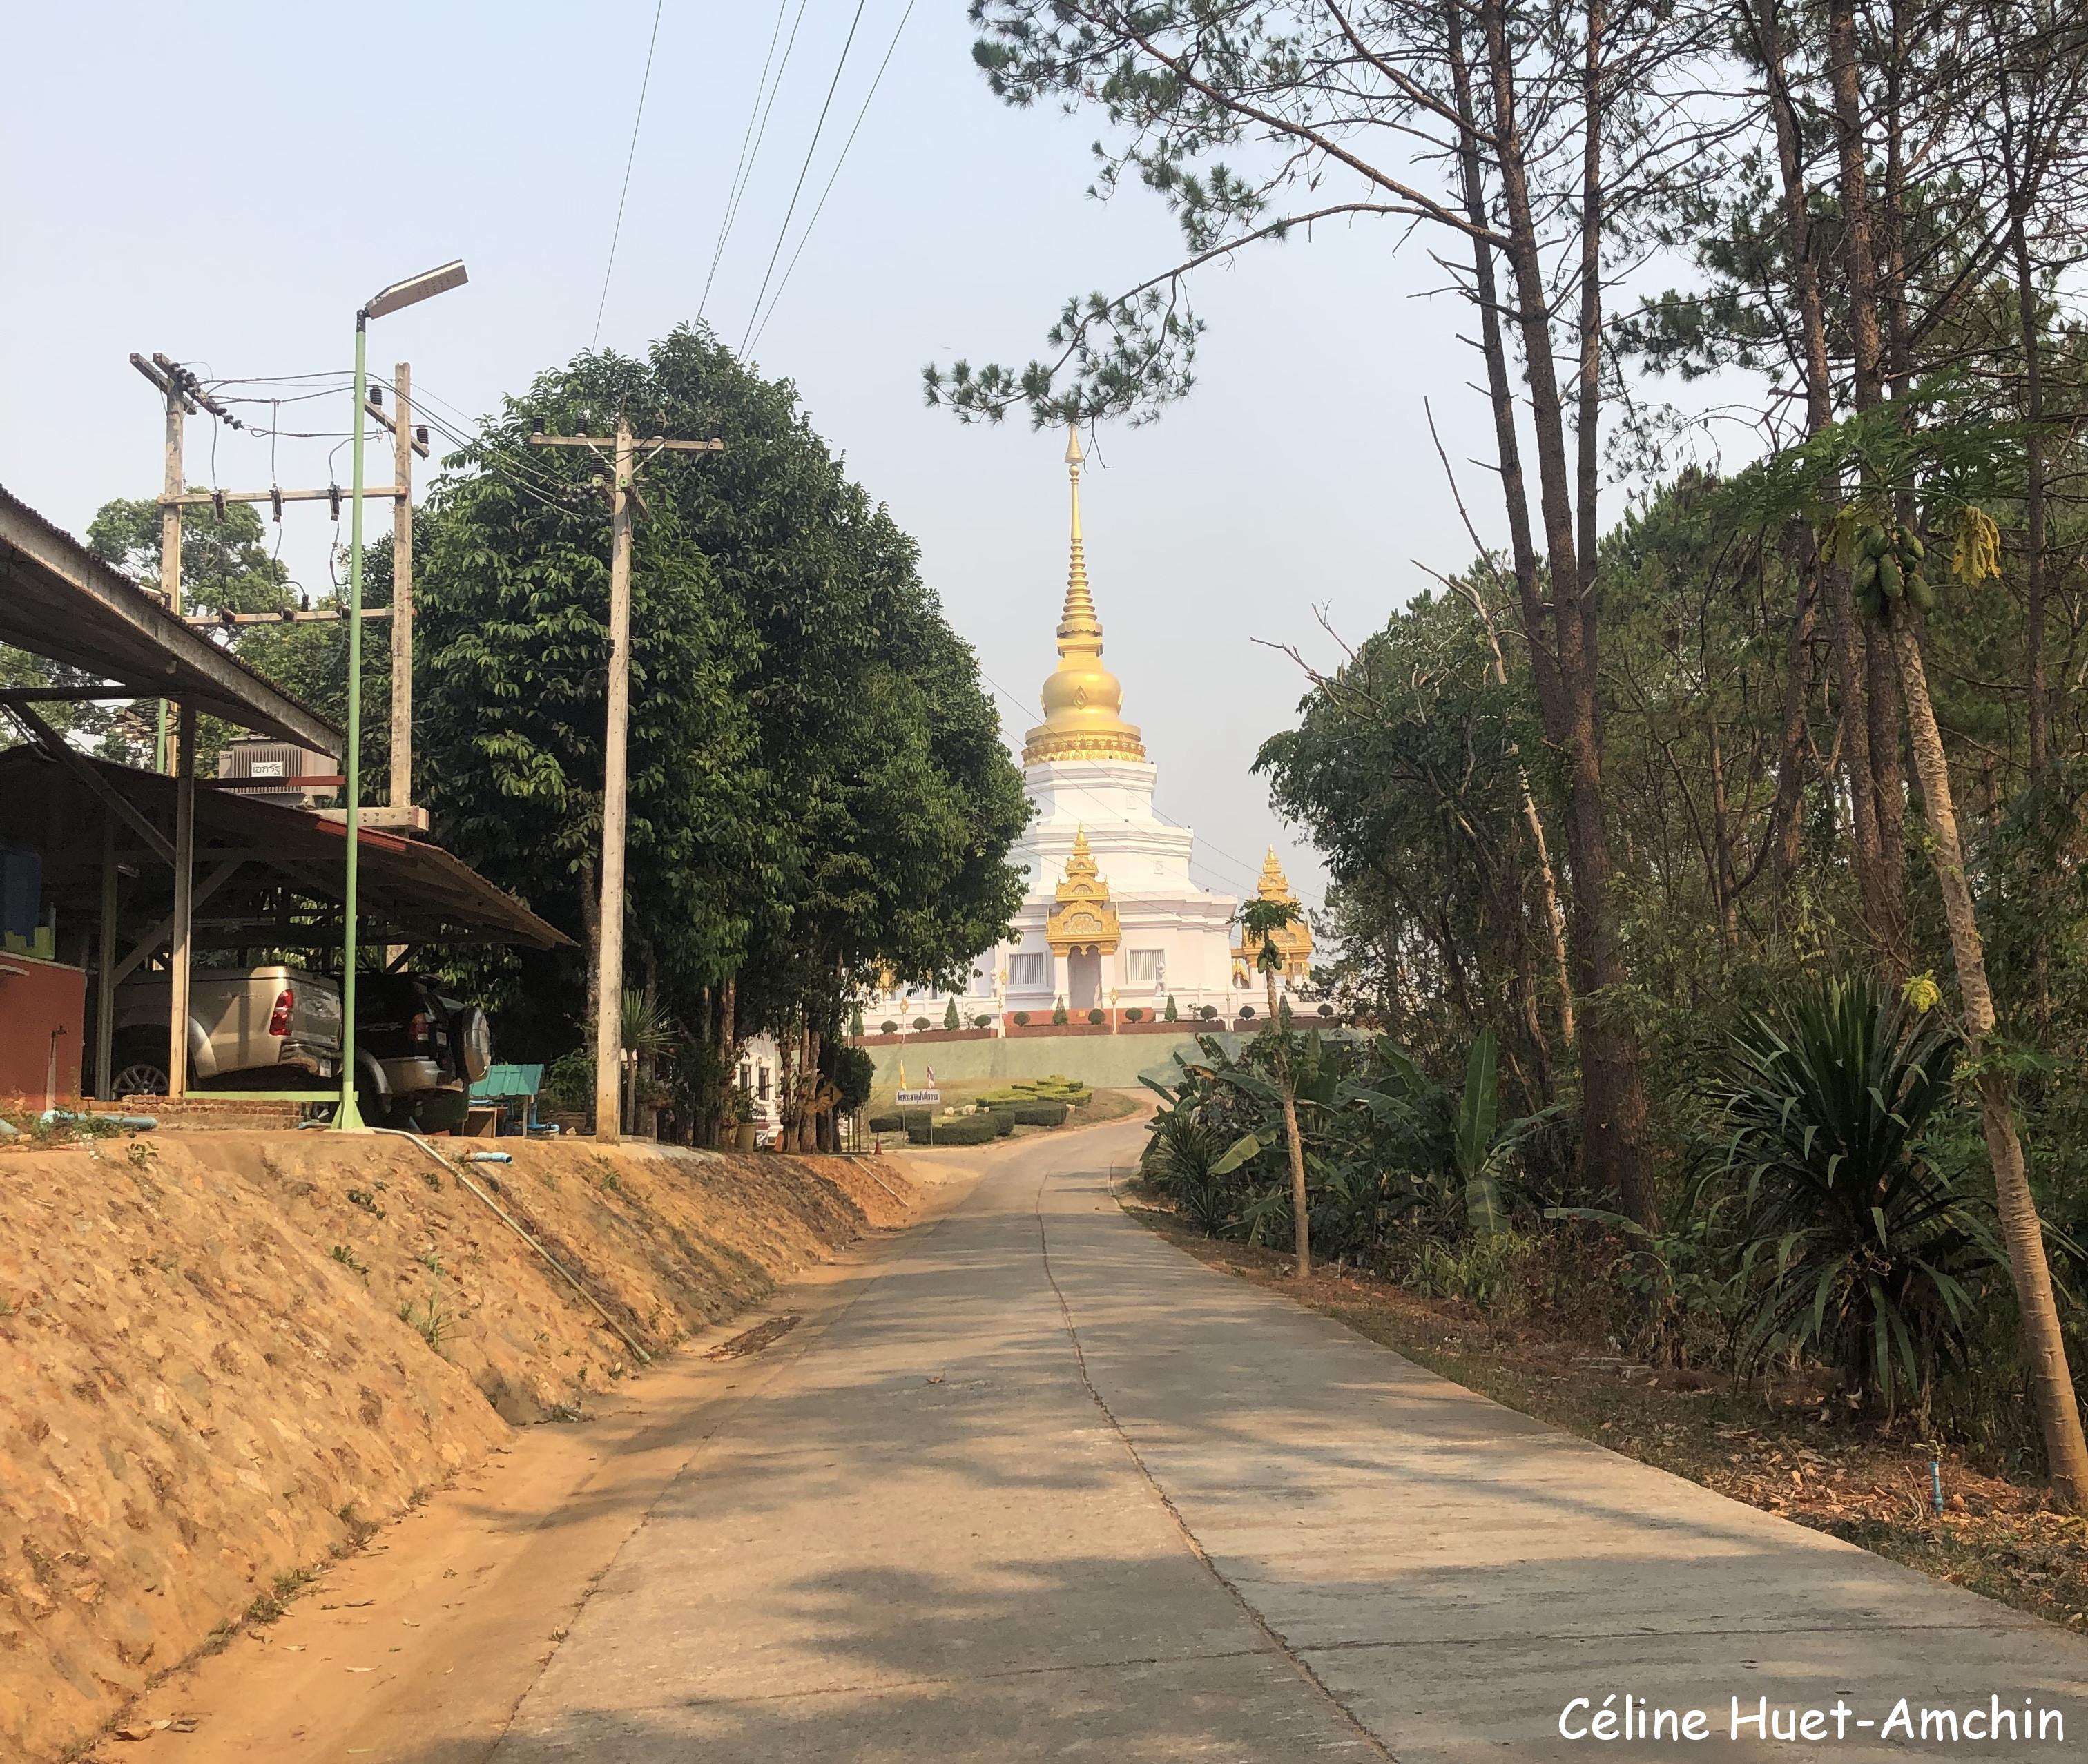 Sur la route dans les montagnes Thaïlande Asie